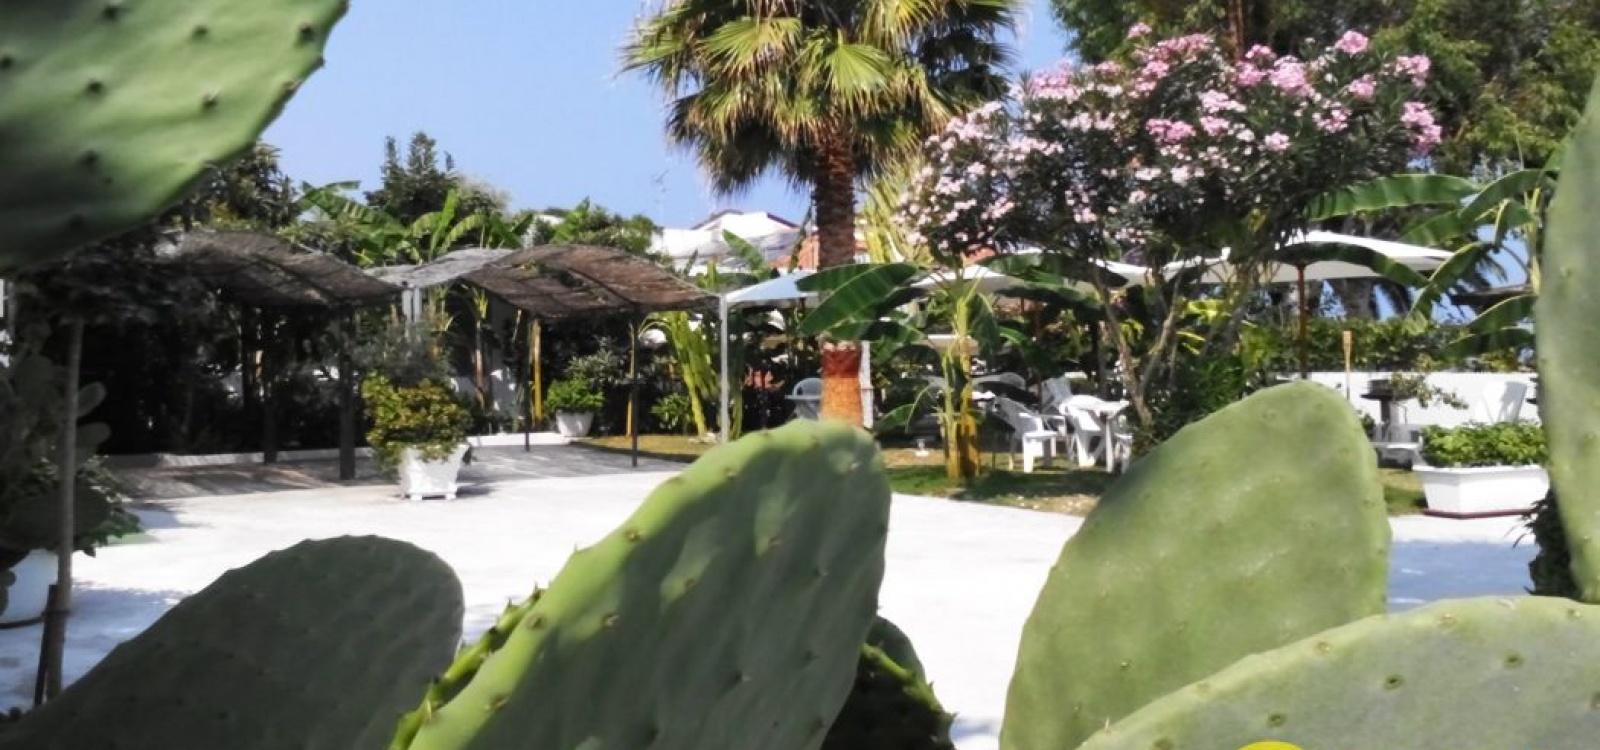 Casa Vacanze, Affitto per vacanze, Cervo , ID Struttura 1139, La Pizzuta, Parghelia, Vibo Valentia, Italy, 89861,